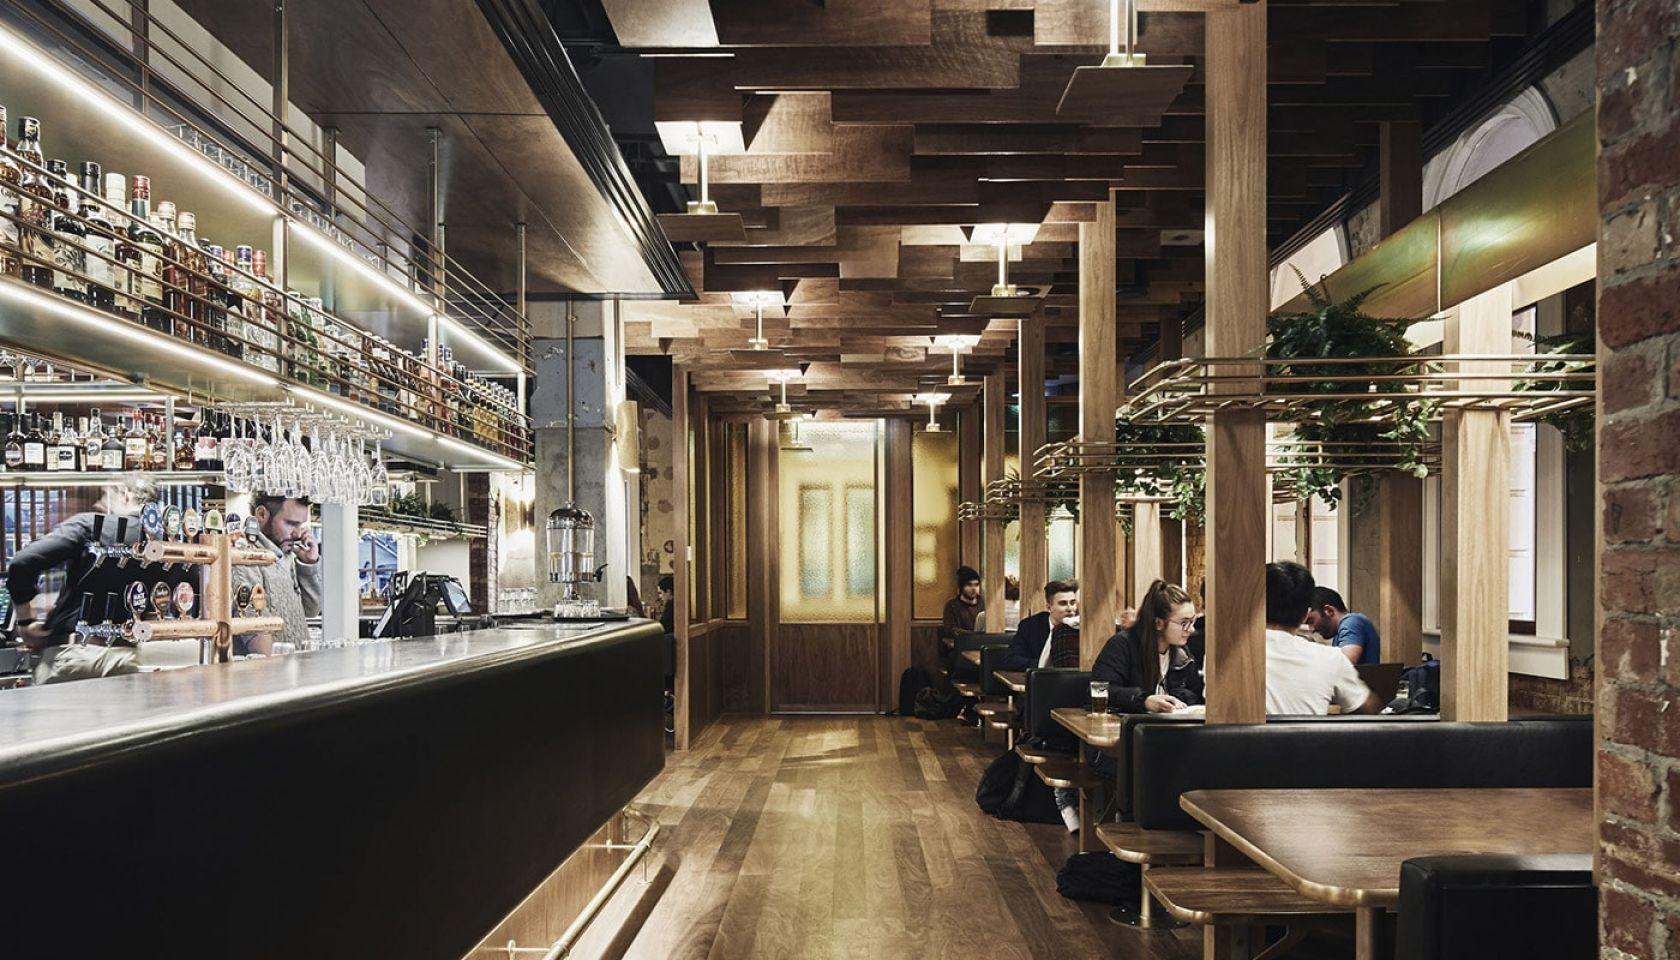 oxford scholar rmit restaurant kitchen melbourne